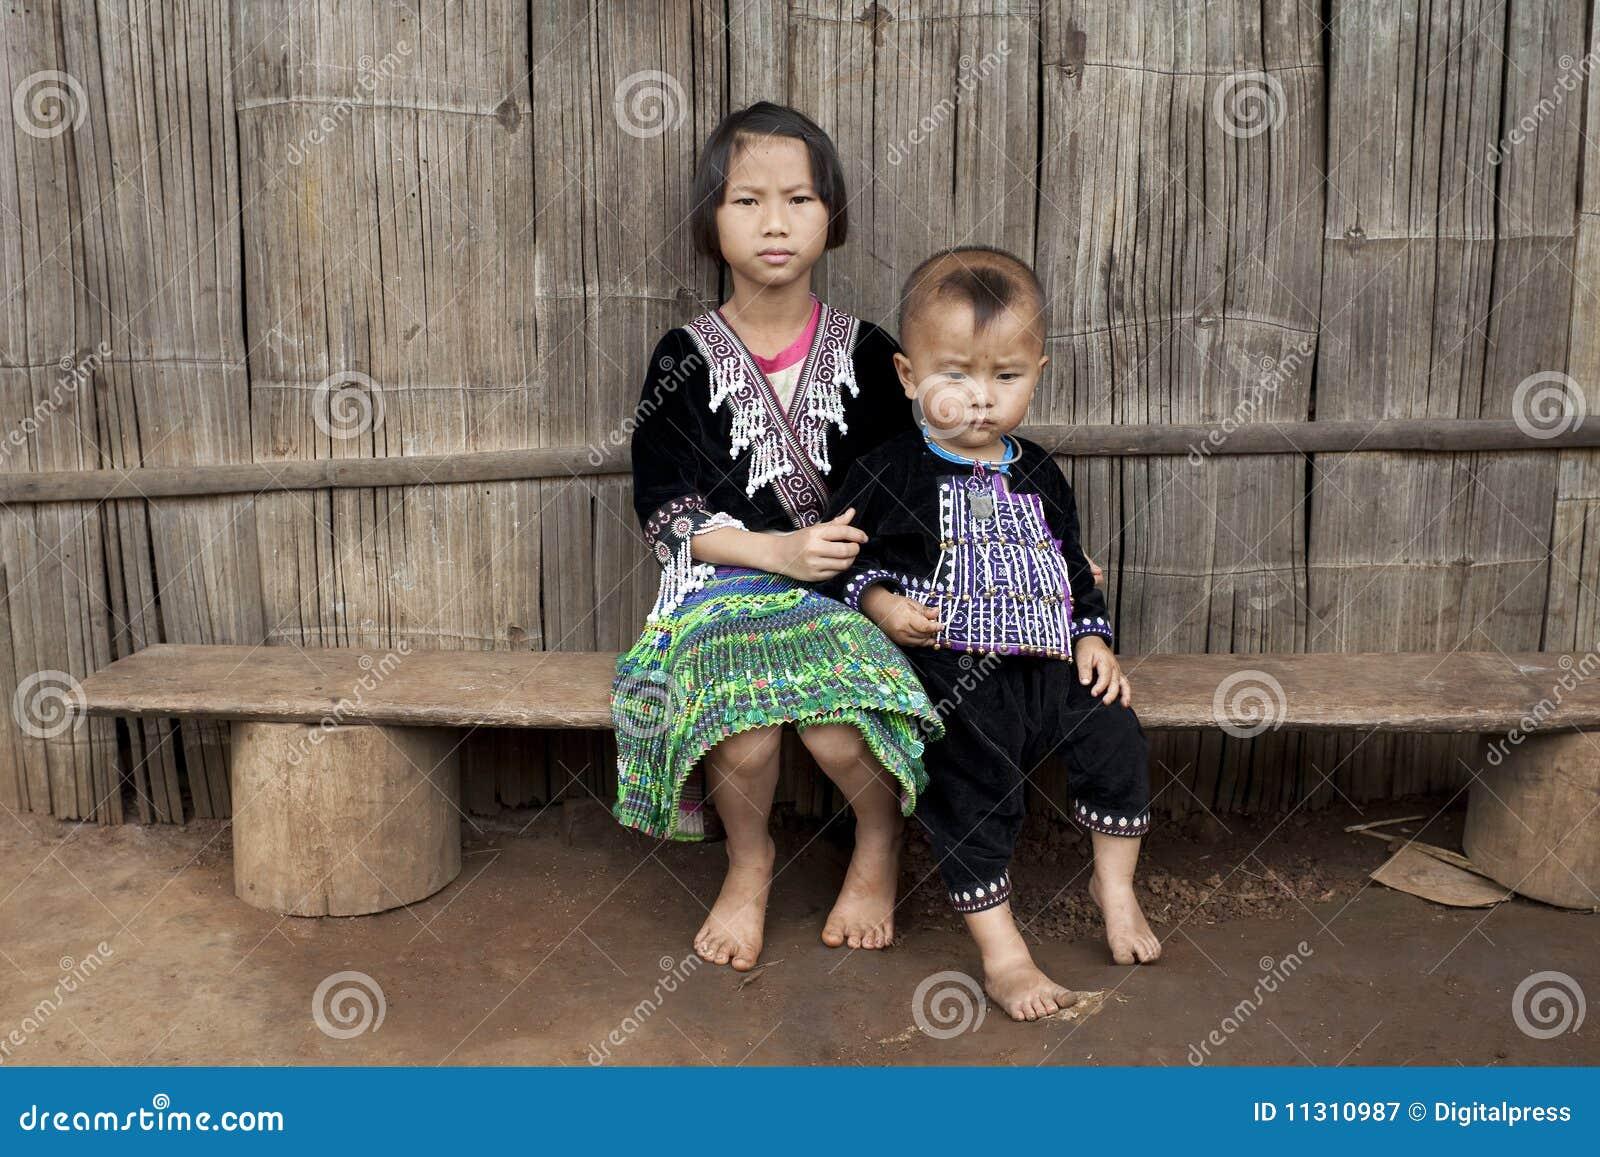 Kinder von Asien, ethnische Gruppe Meo, Hmong